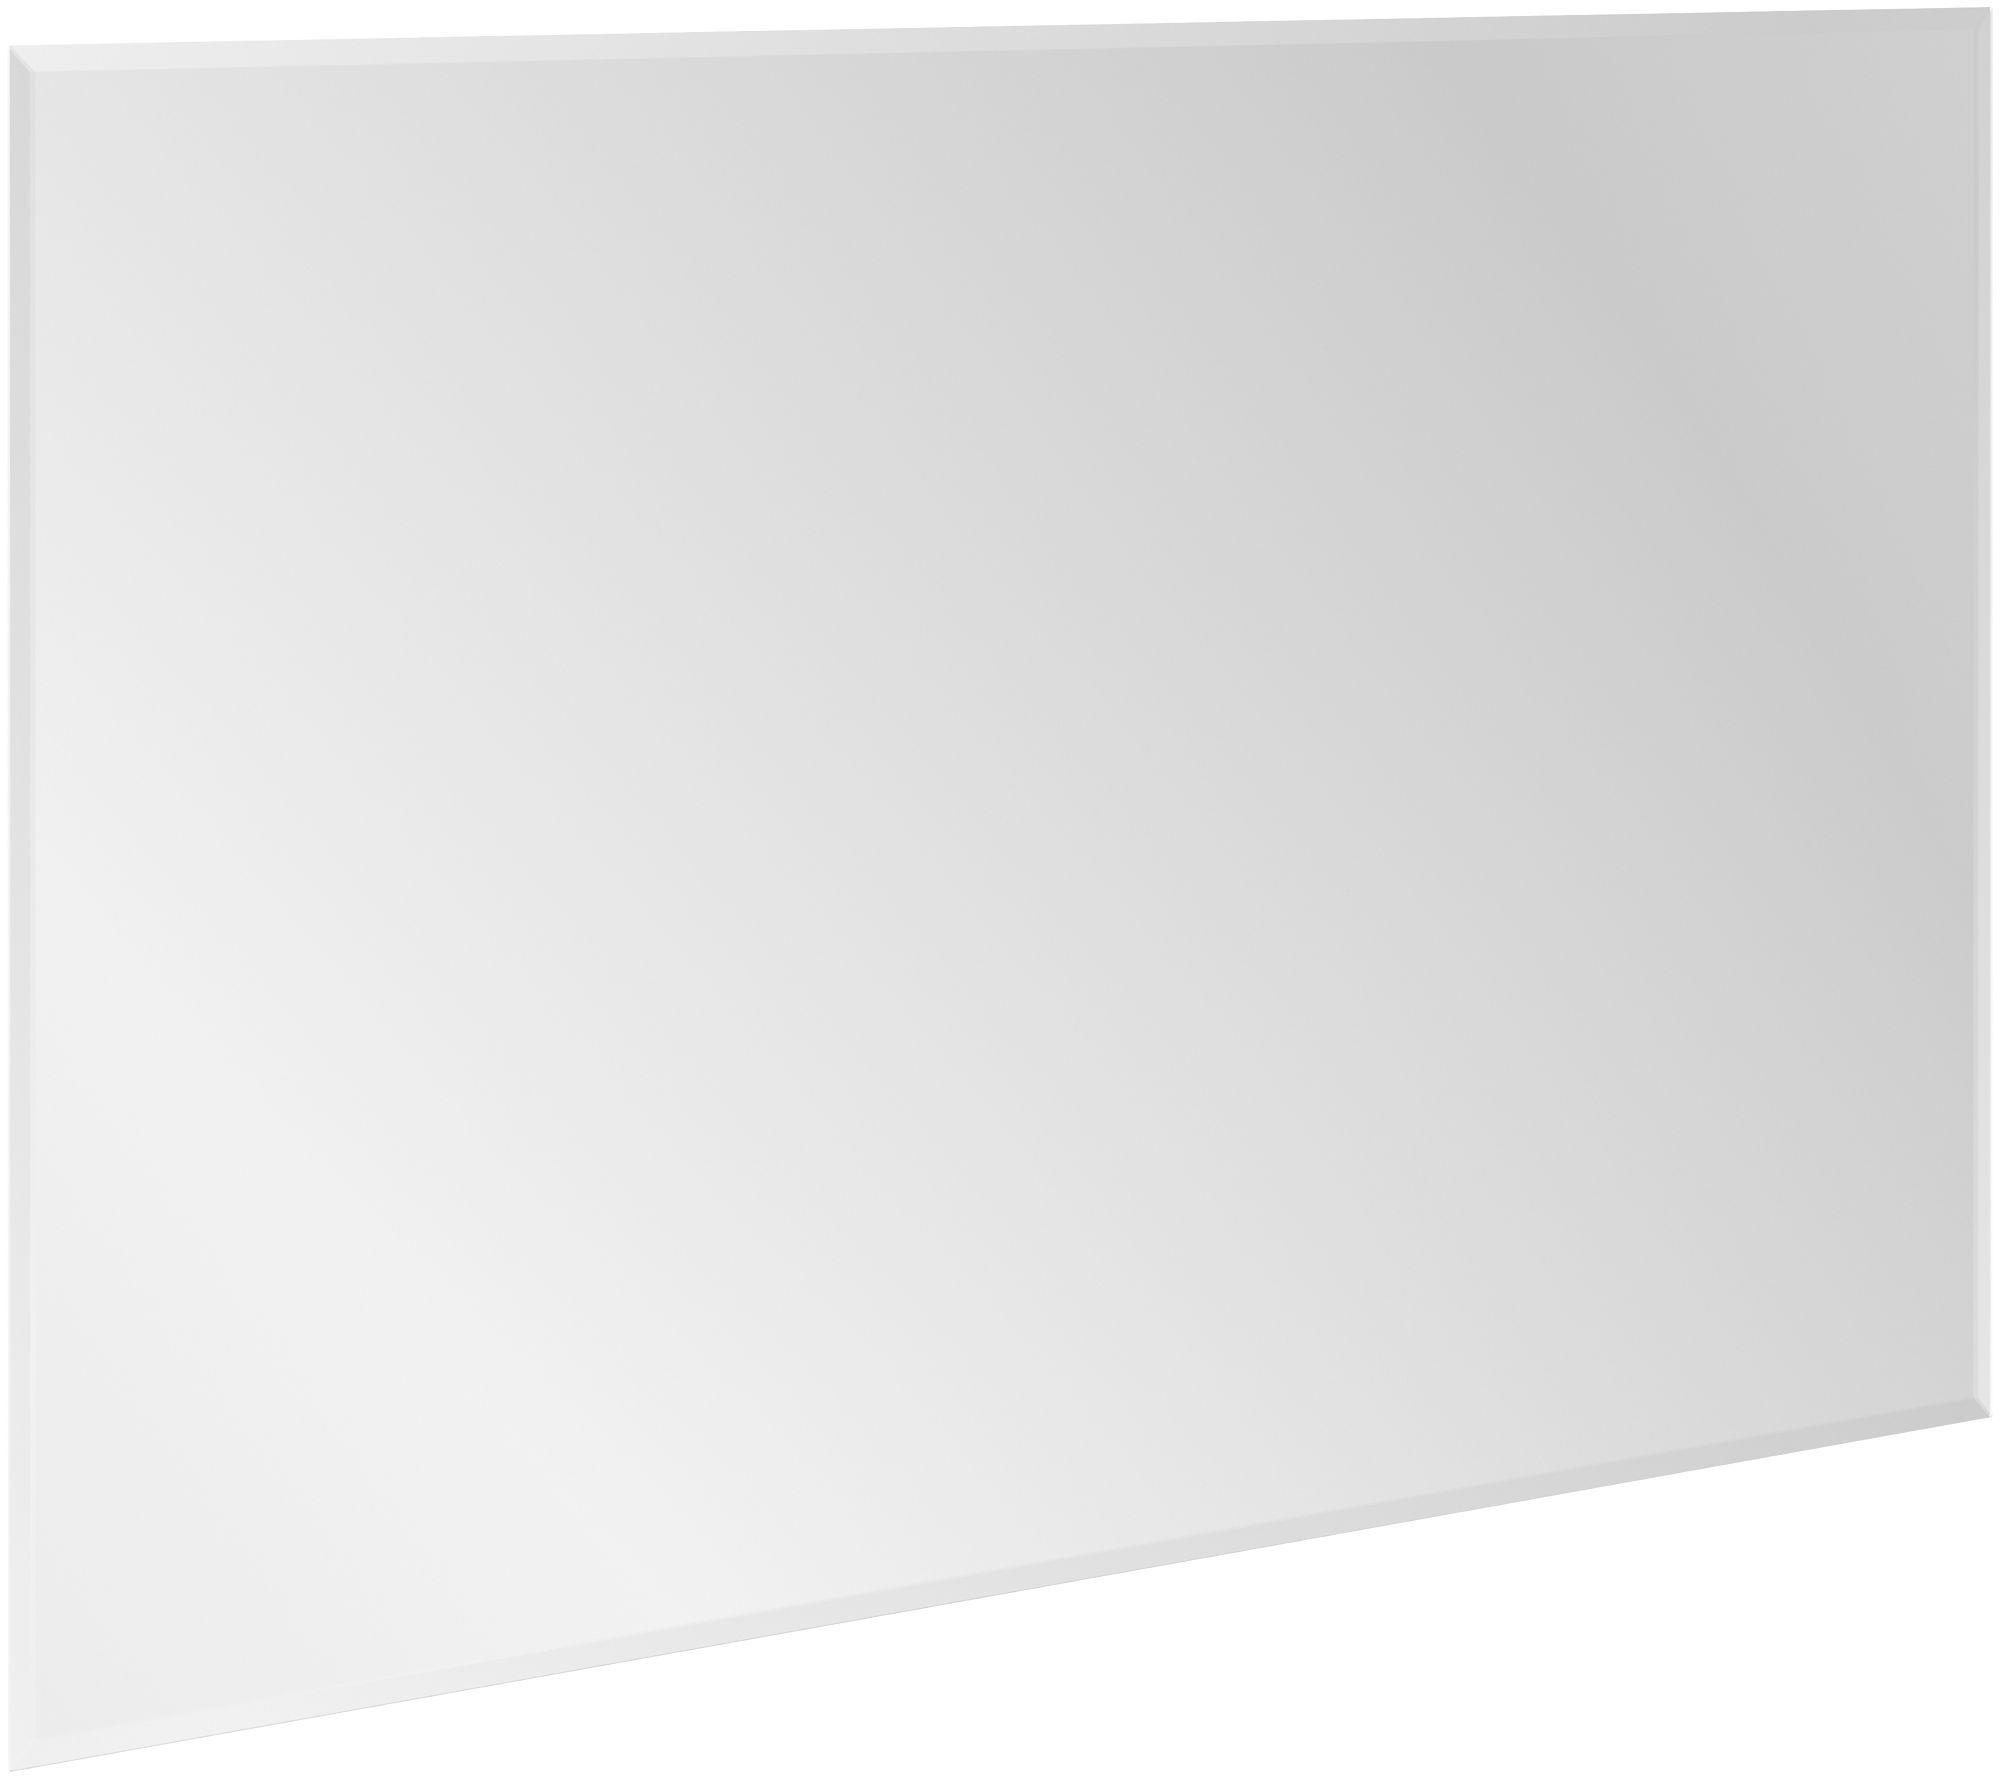 Villeroy & Boch Finion F620 Spiegel B:160xH:100xT:2cm F6201600